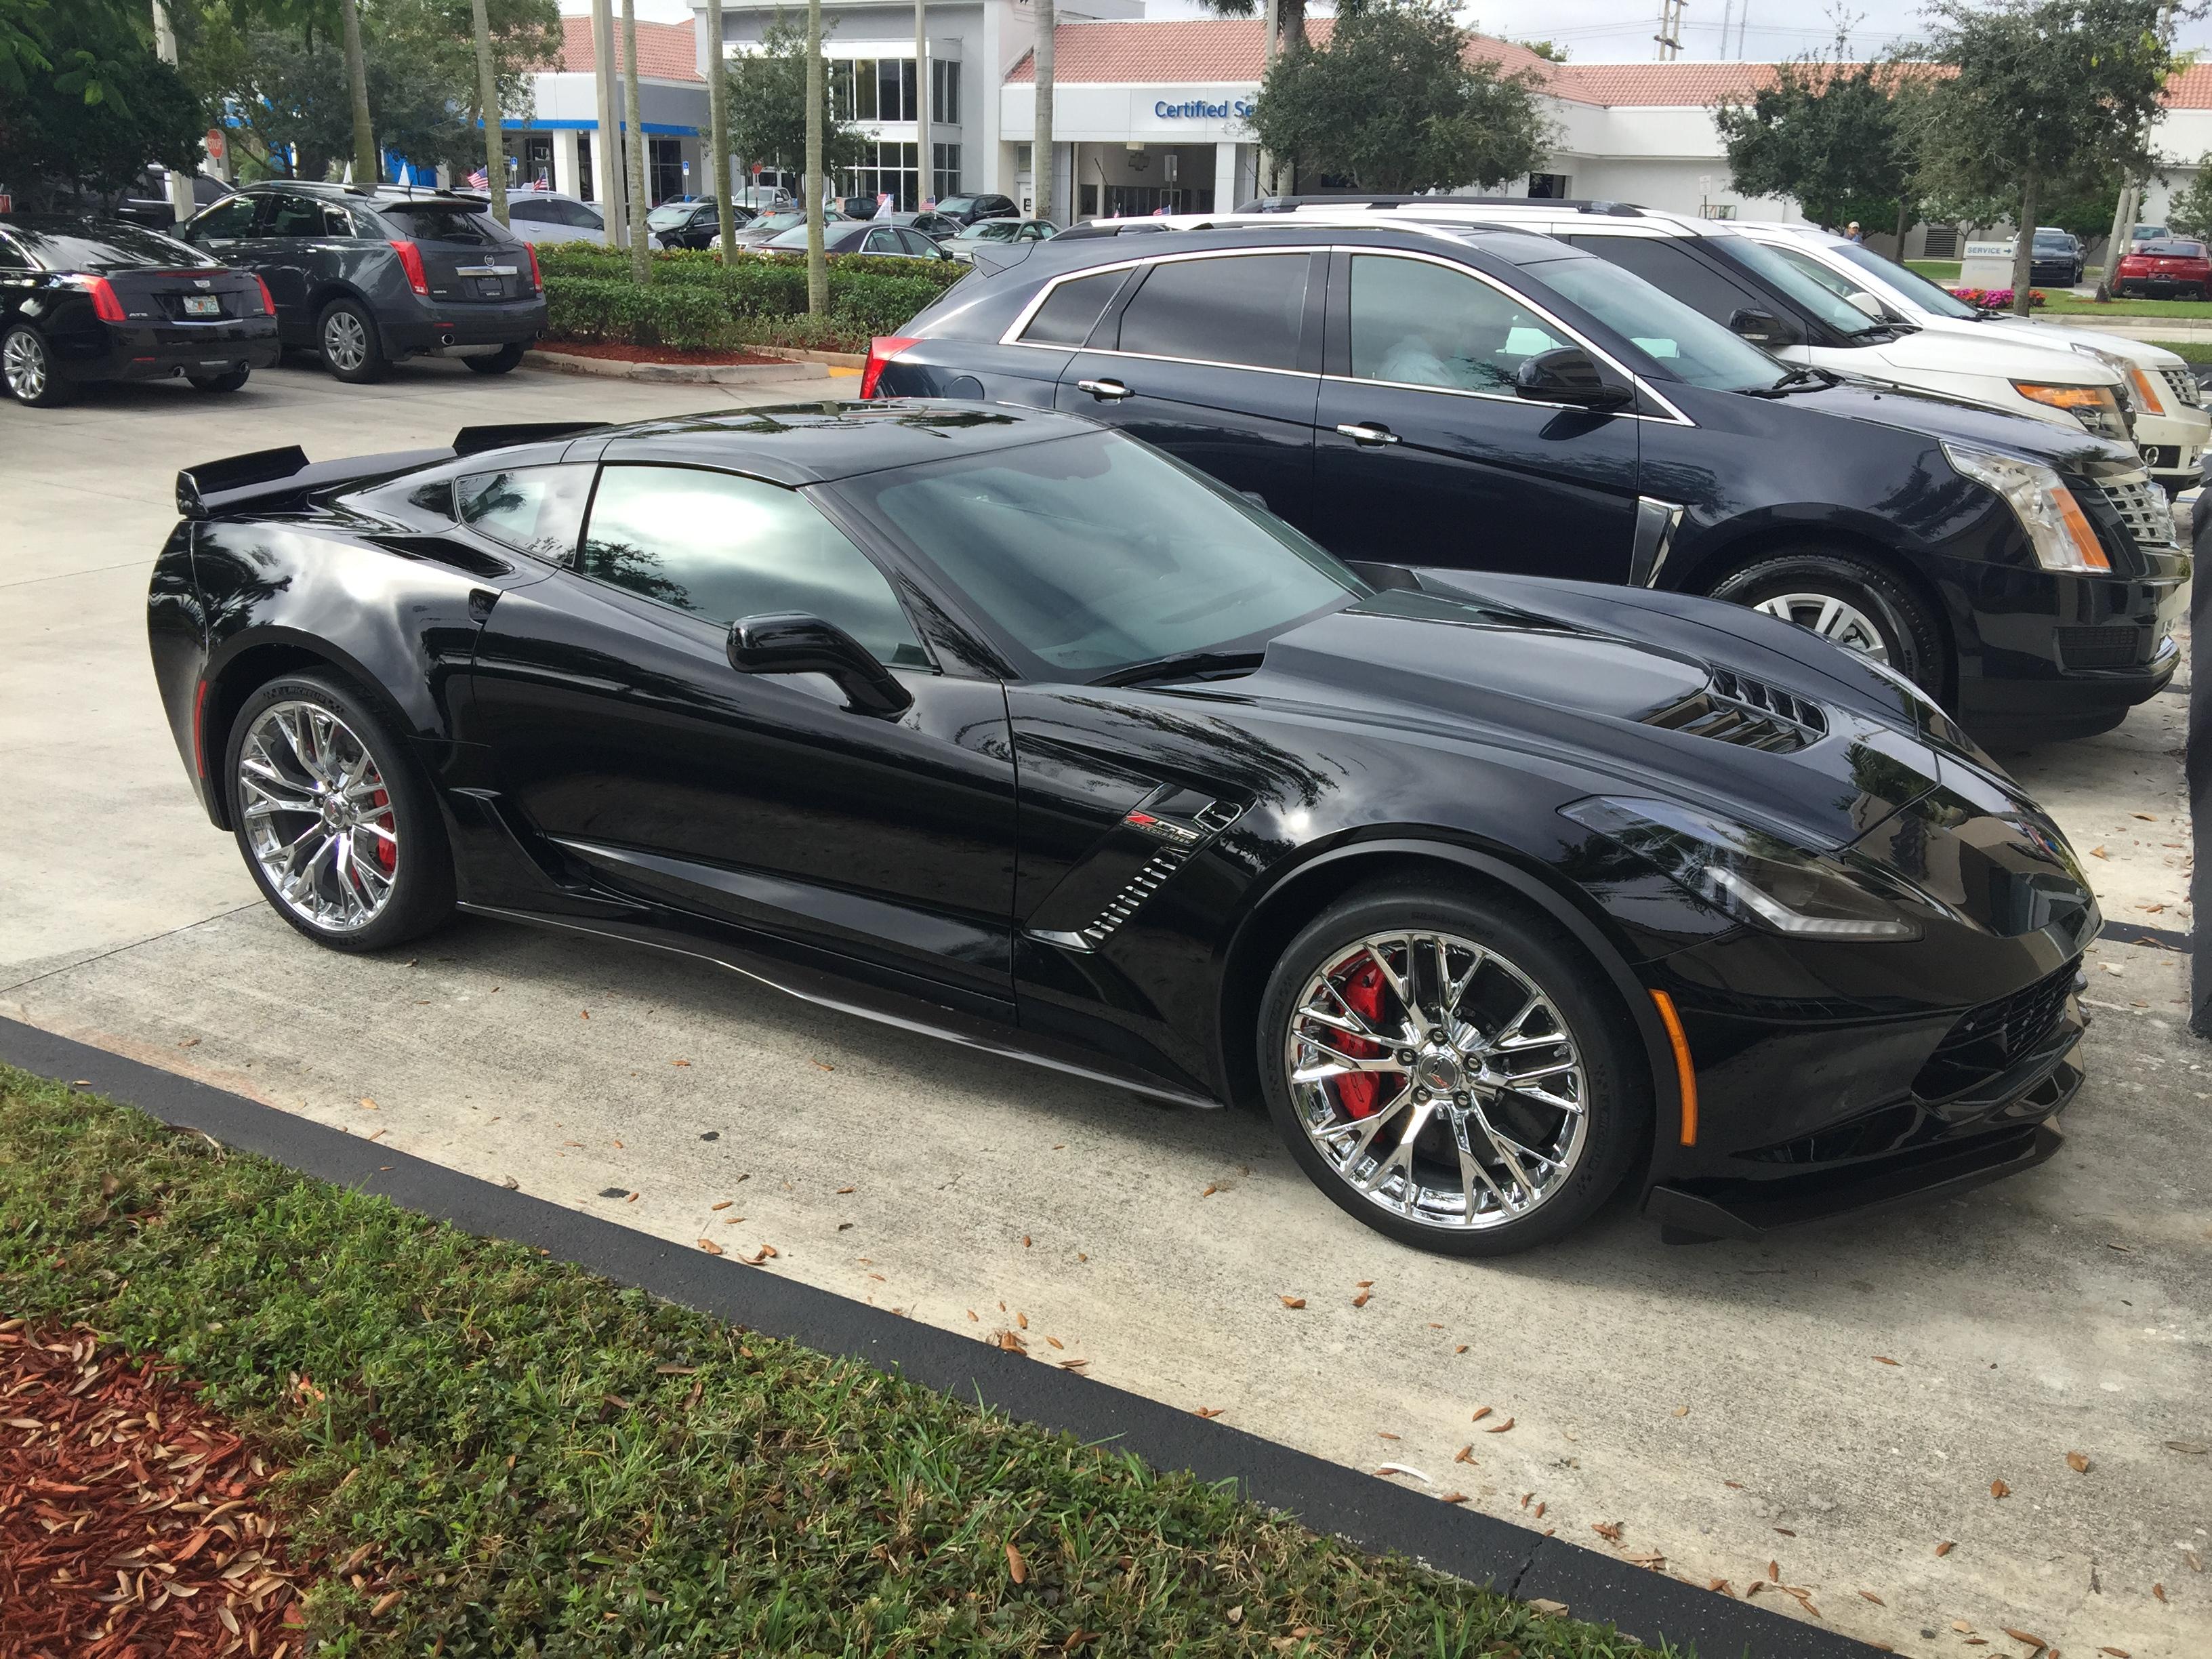 name 2015 black z06 sidejpg views 31645 size 317 mb - Corvette 2015 Z06 Black